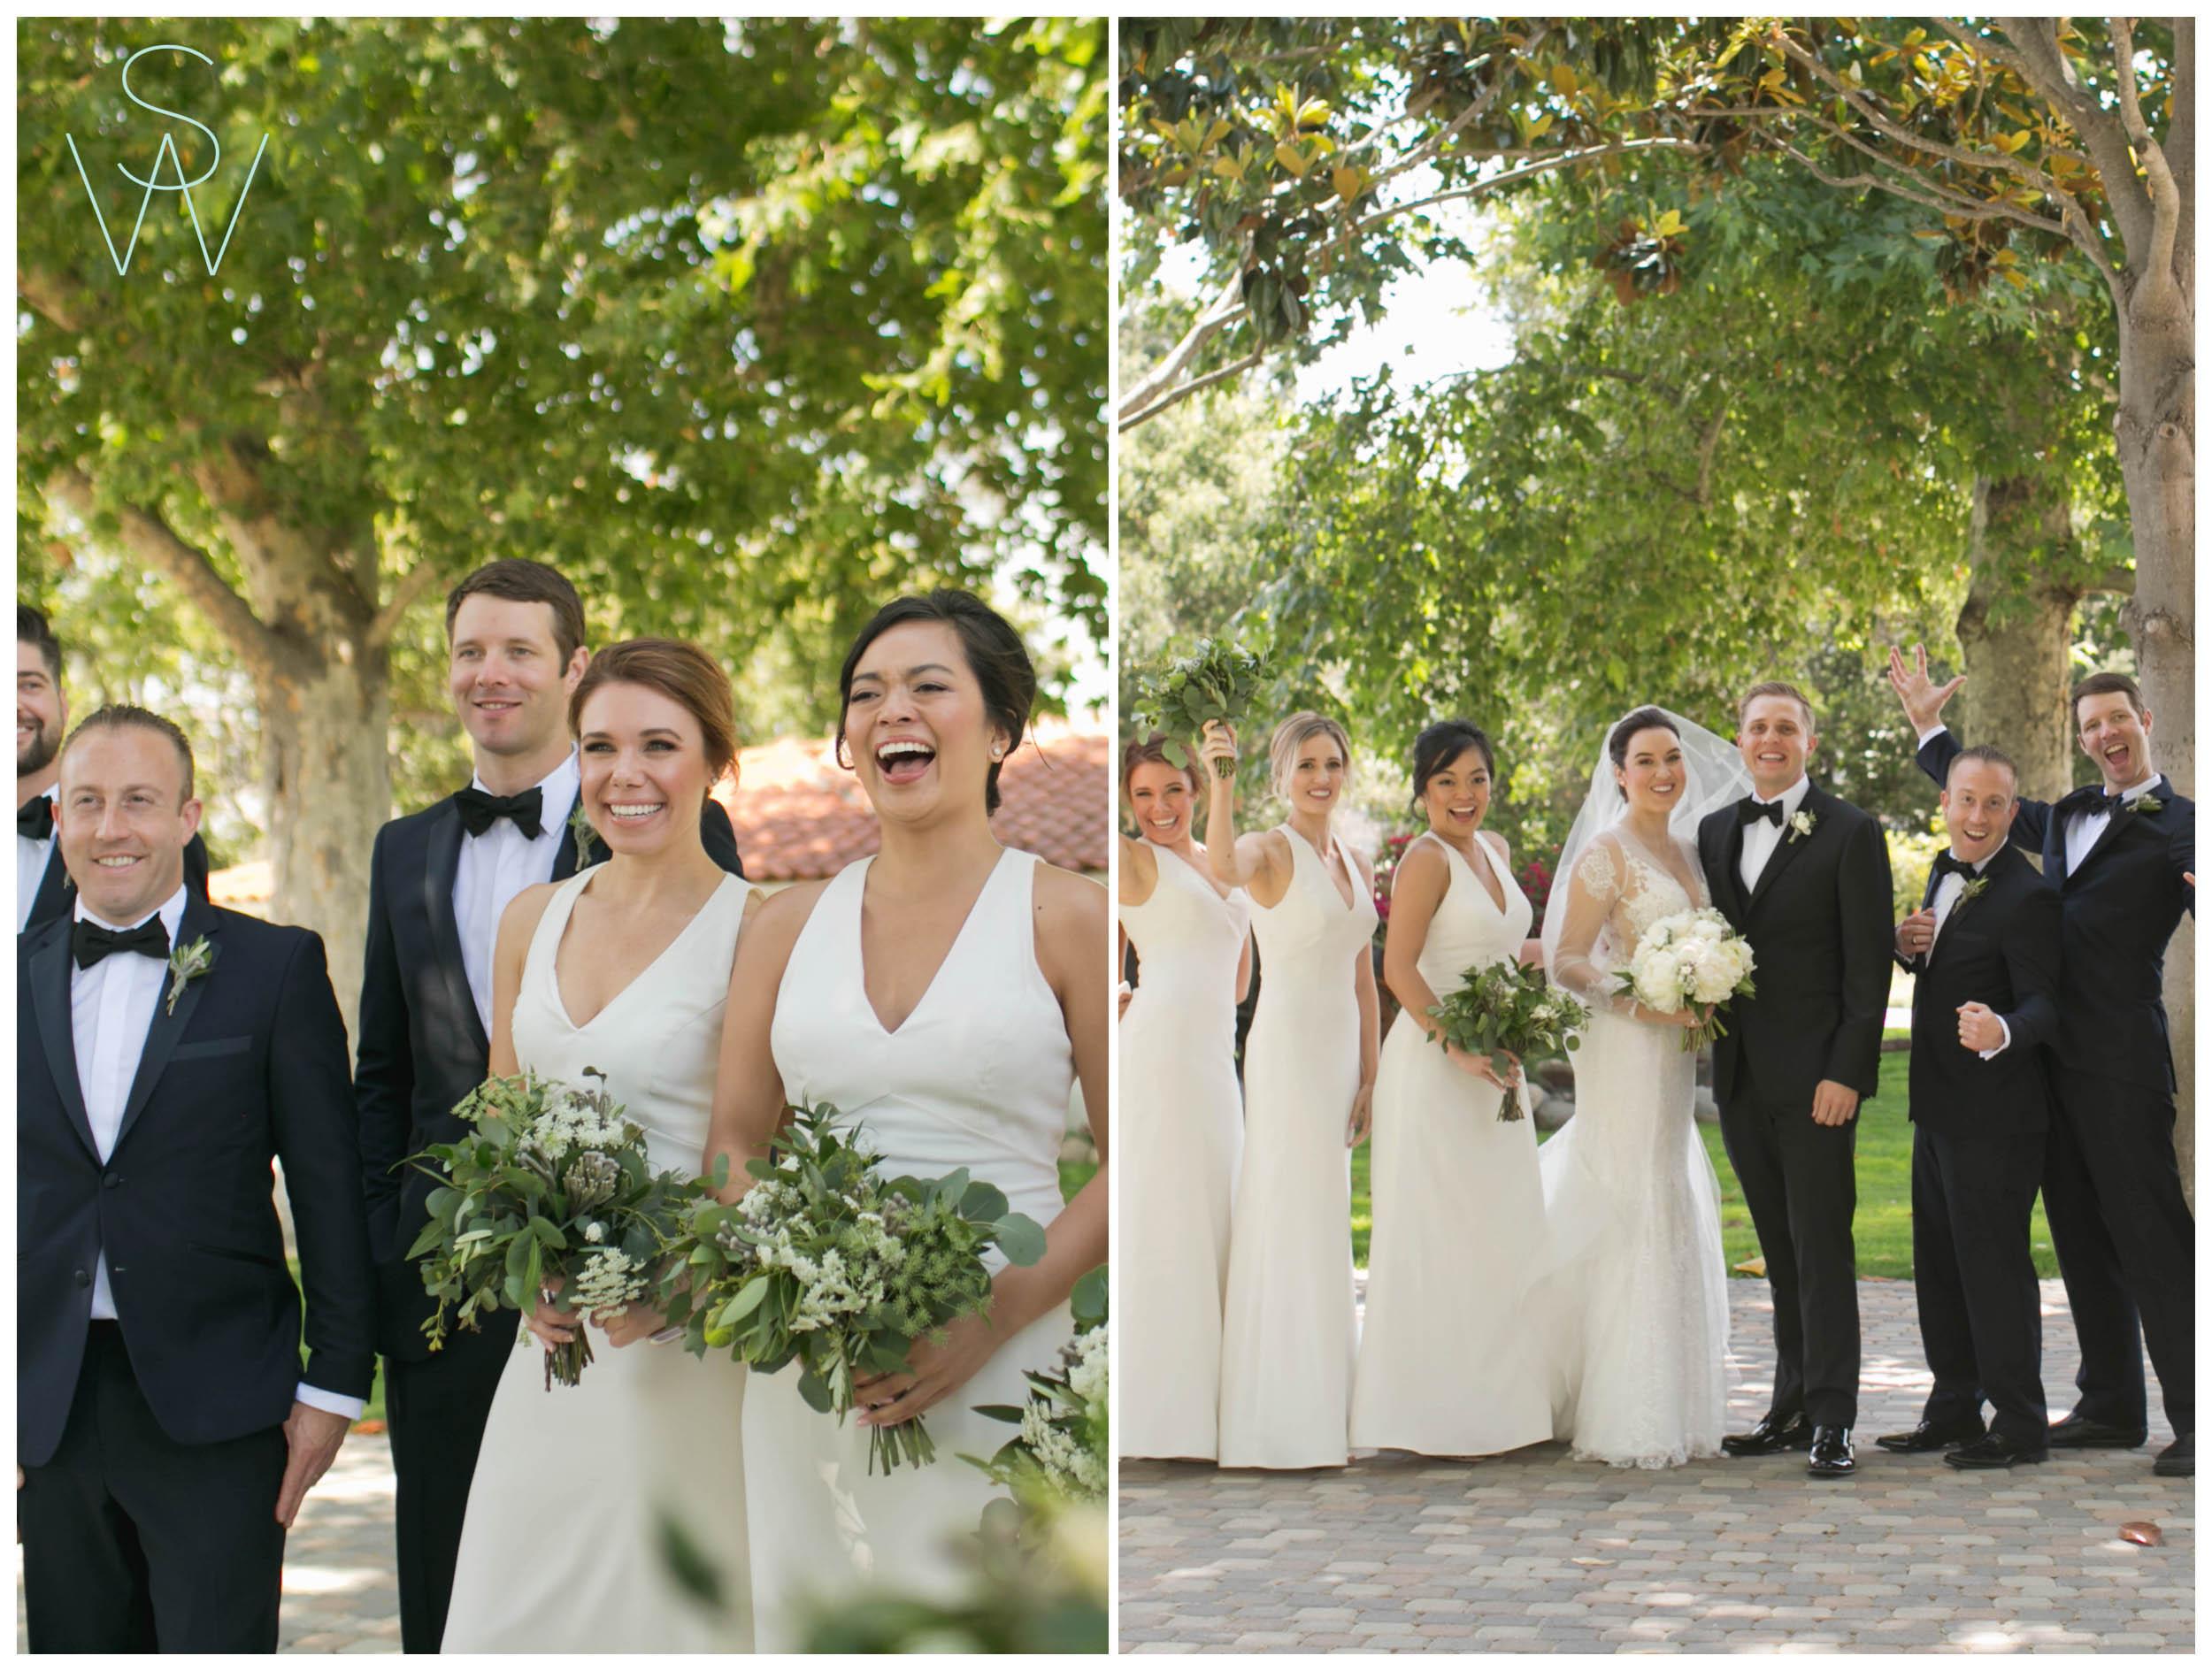 Shewanders.san_.diego_.wedding.photography.private.estate.tara_.jason-3808.jpg.diego_.wedding.photography.private.estate.tara_.jason-380.jpg